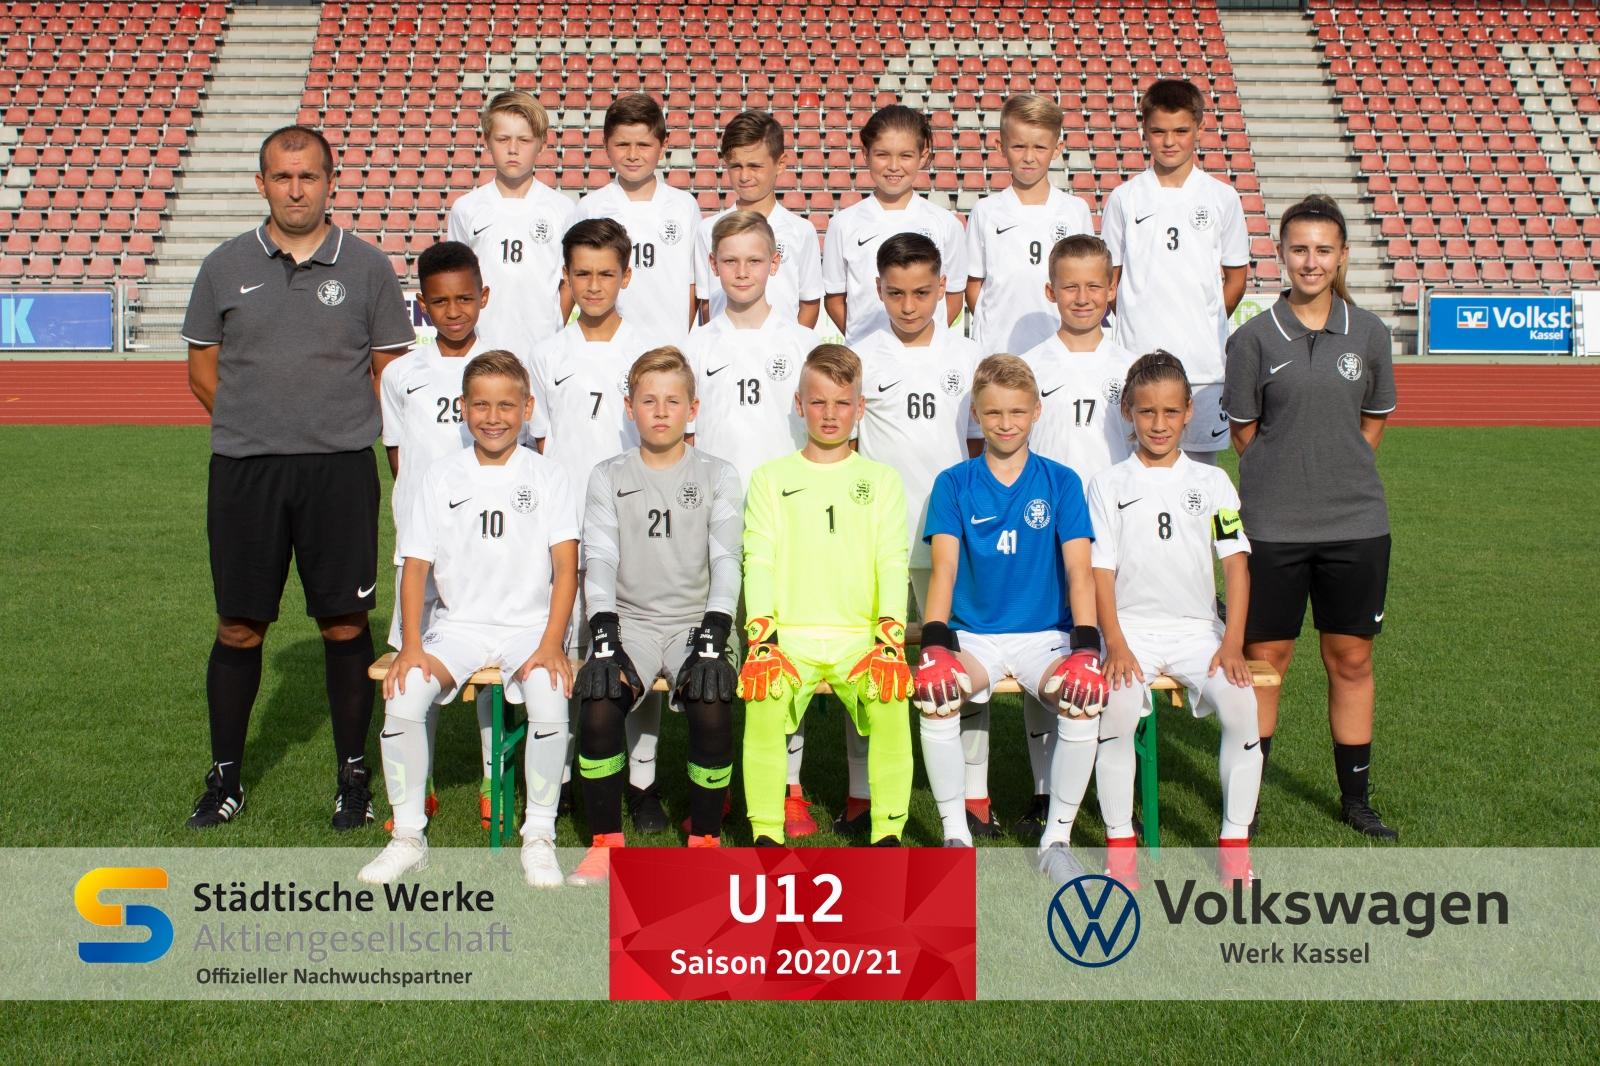 U12_Mannschaft_2020_21